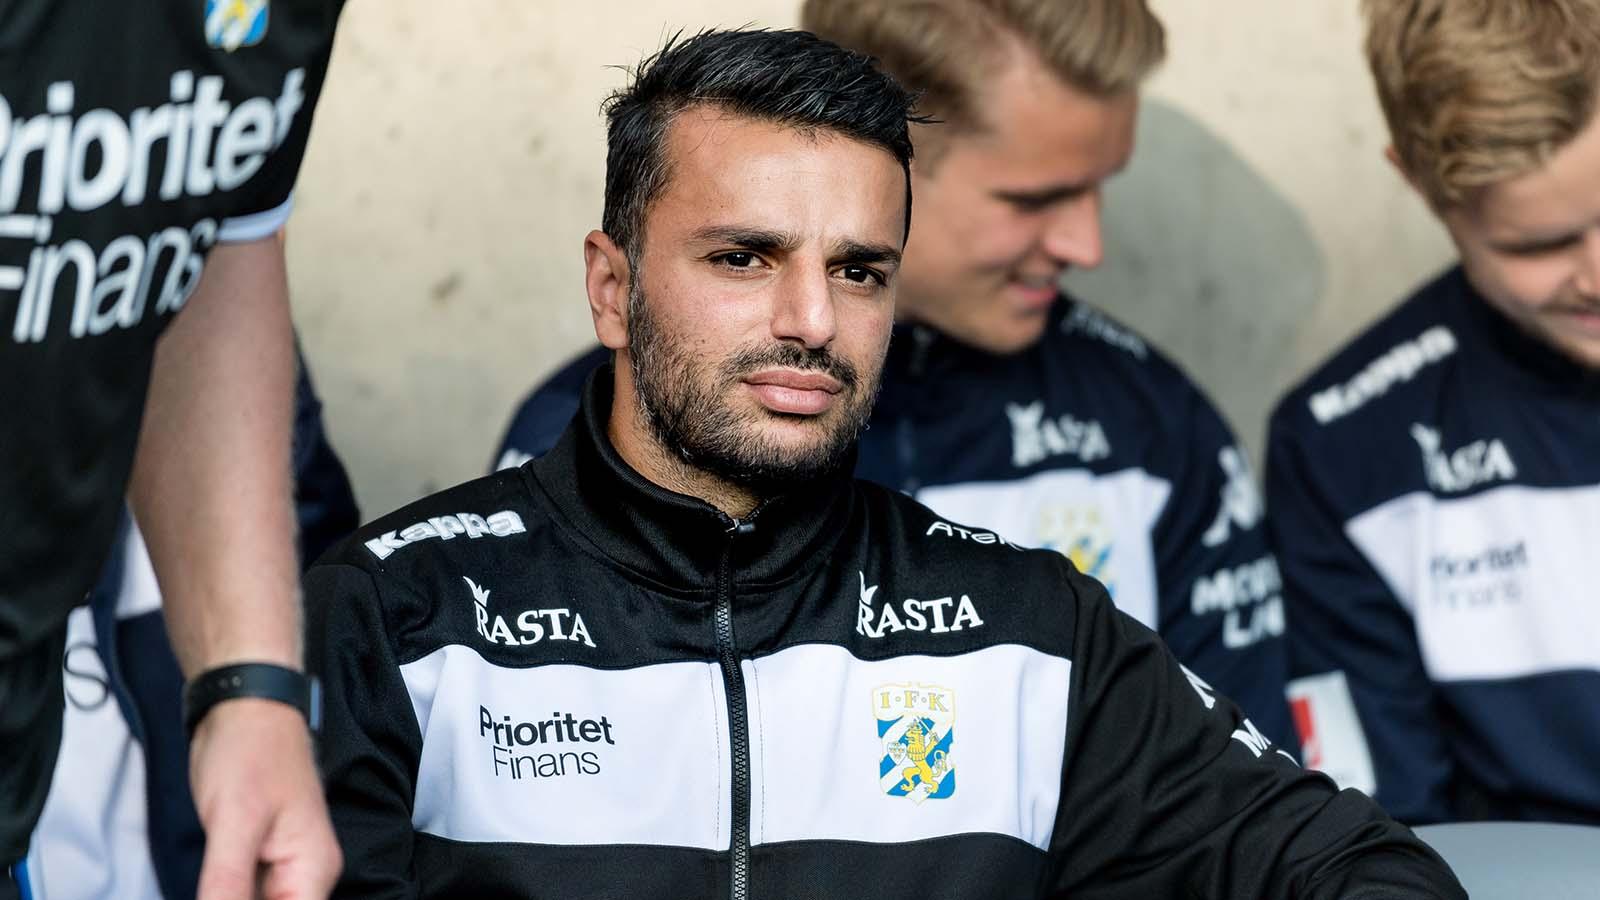 180714 IFK Göteborgs tränare Poya Asbaghi under fotbollsmatchen i Allsvenskan mellan IFK Göteborg och Örebro den 14 juli 2018 i Göteborg. Foto: Krister Andersson / BILDBYRÅN / Kod KA / Cop 147